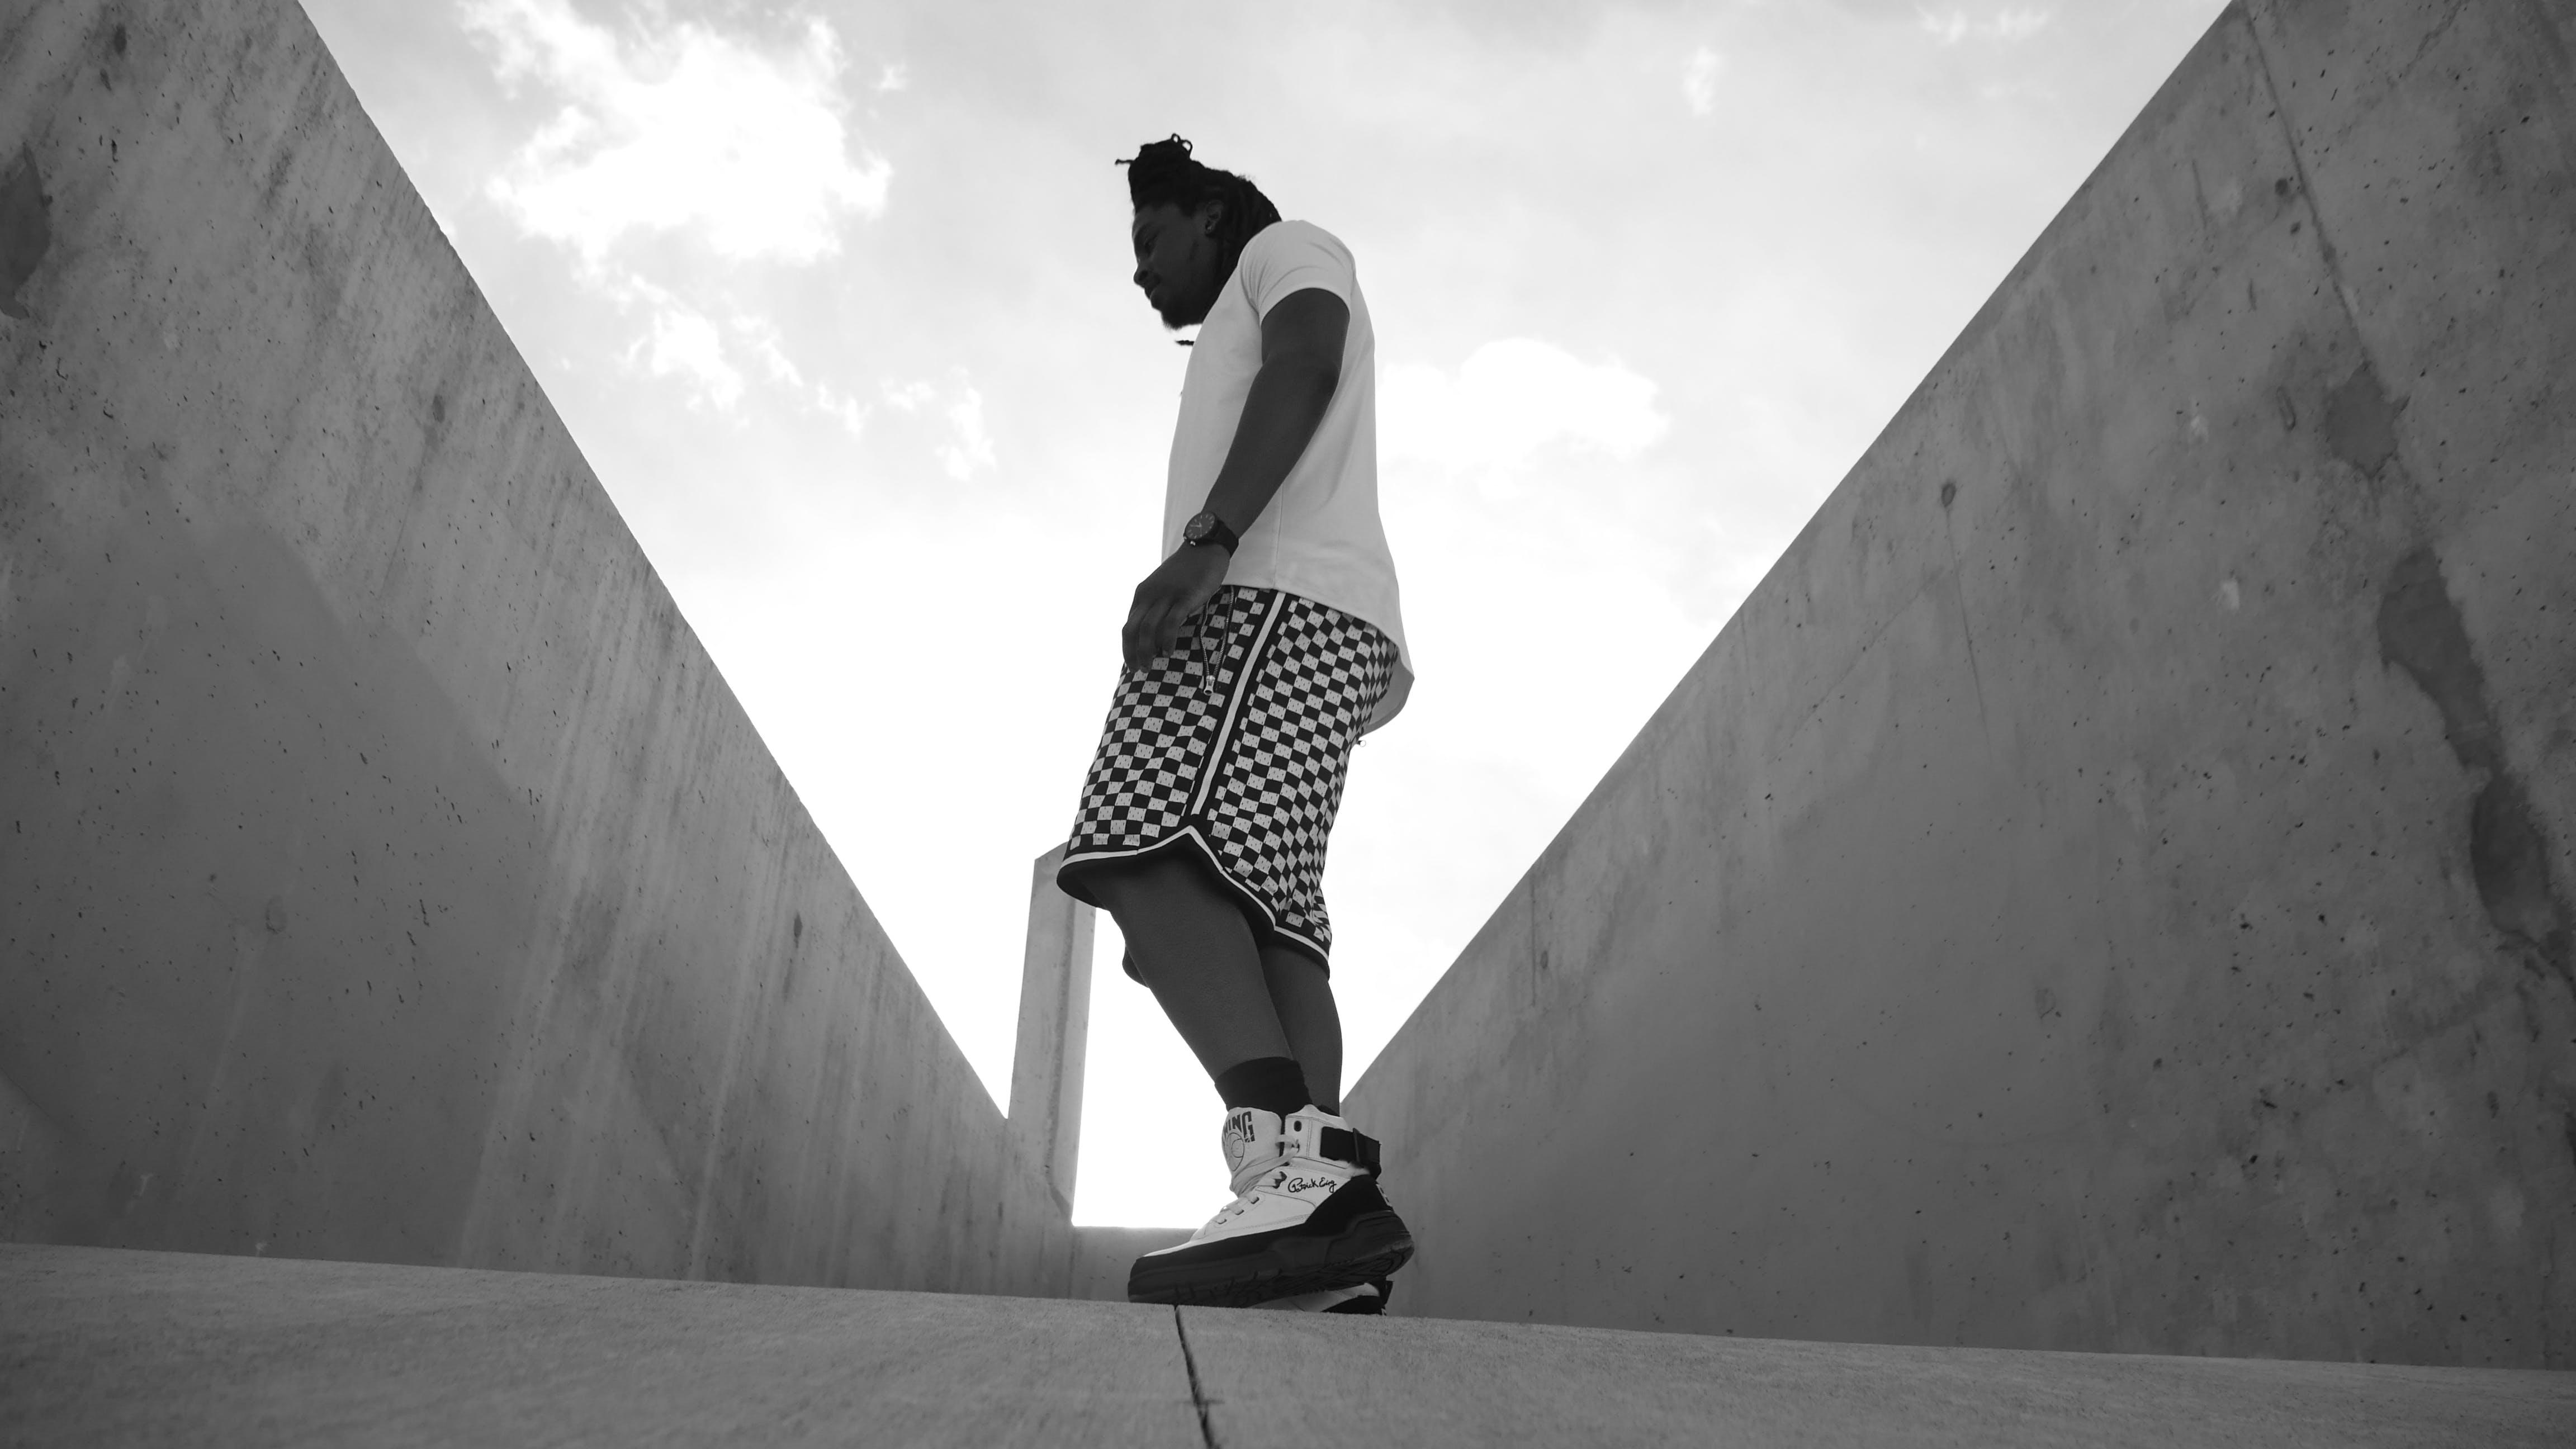 Gratis stockfoto met Afrikaanse man, Afro-Amerikaanse man, casual kleding, fotoshoot